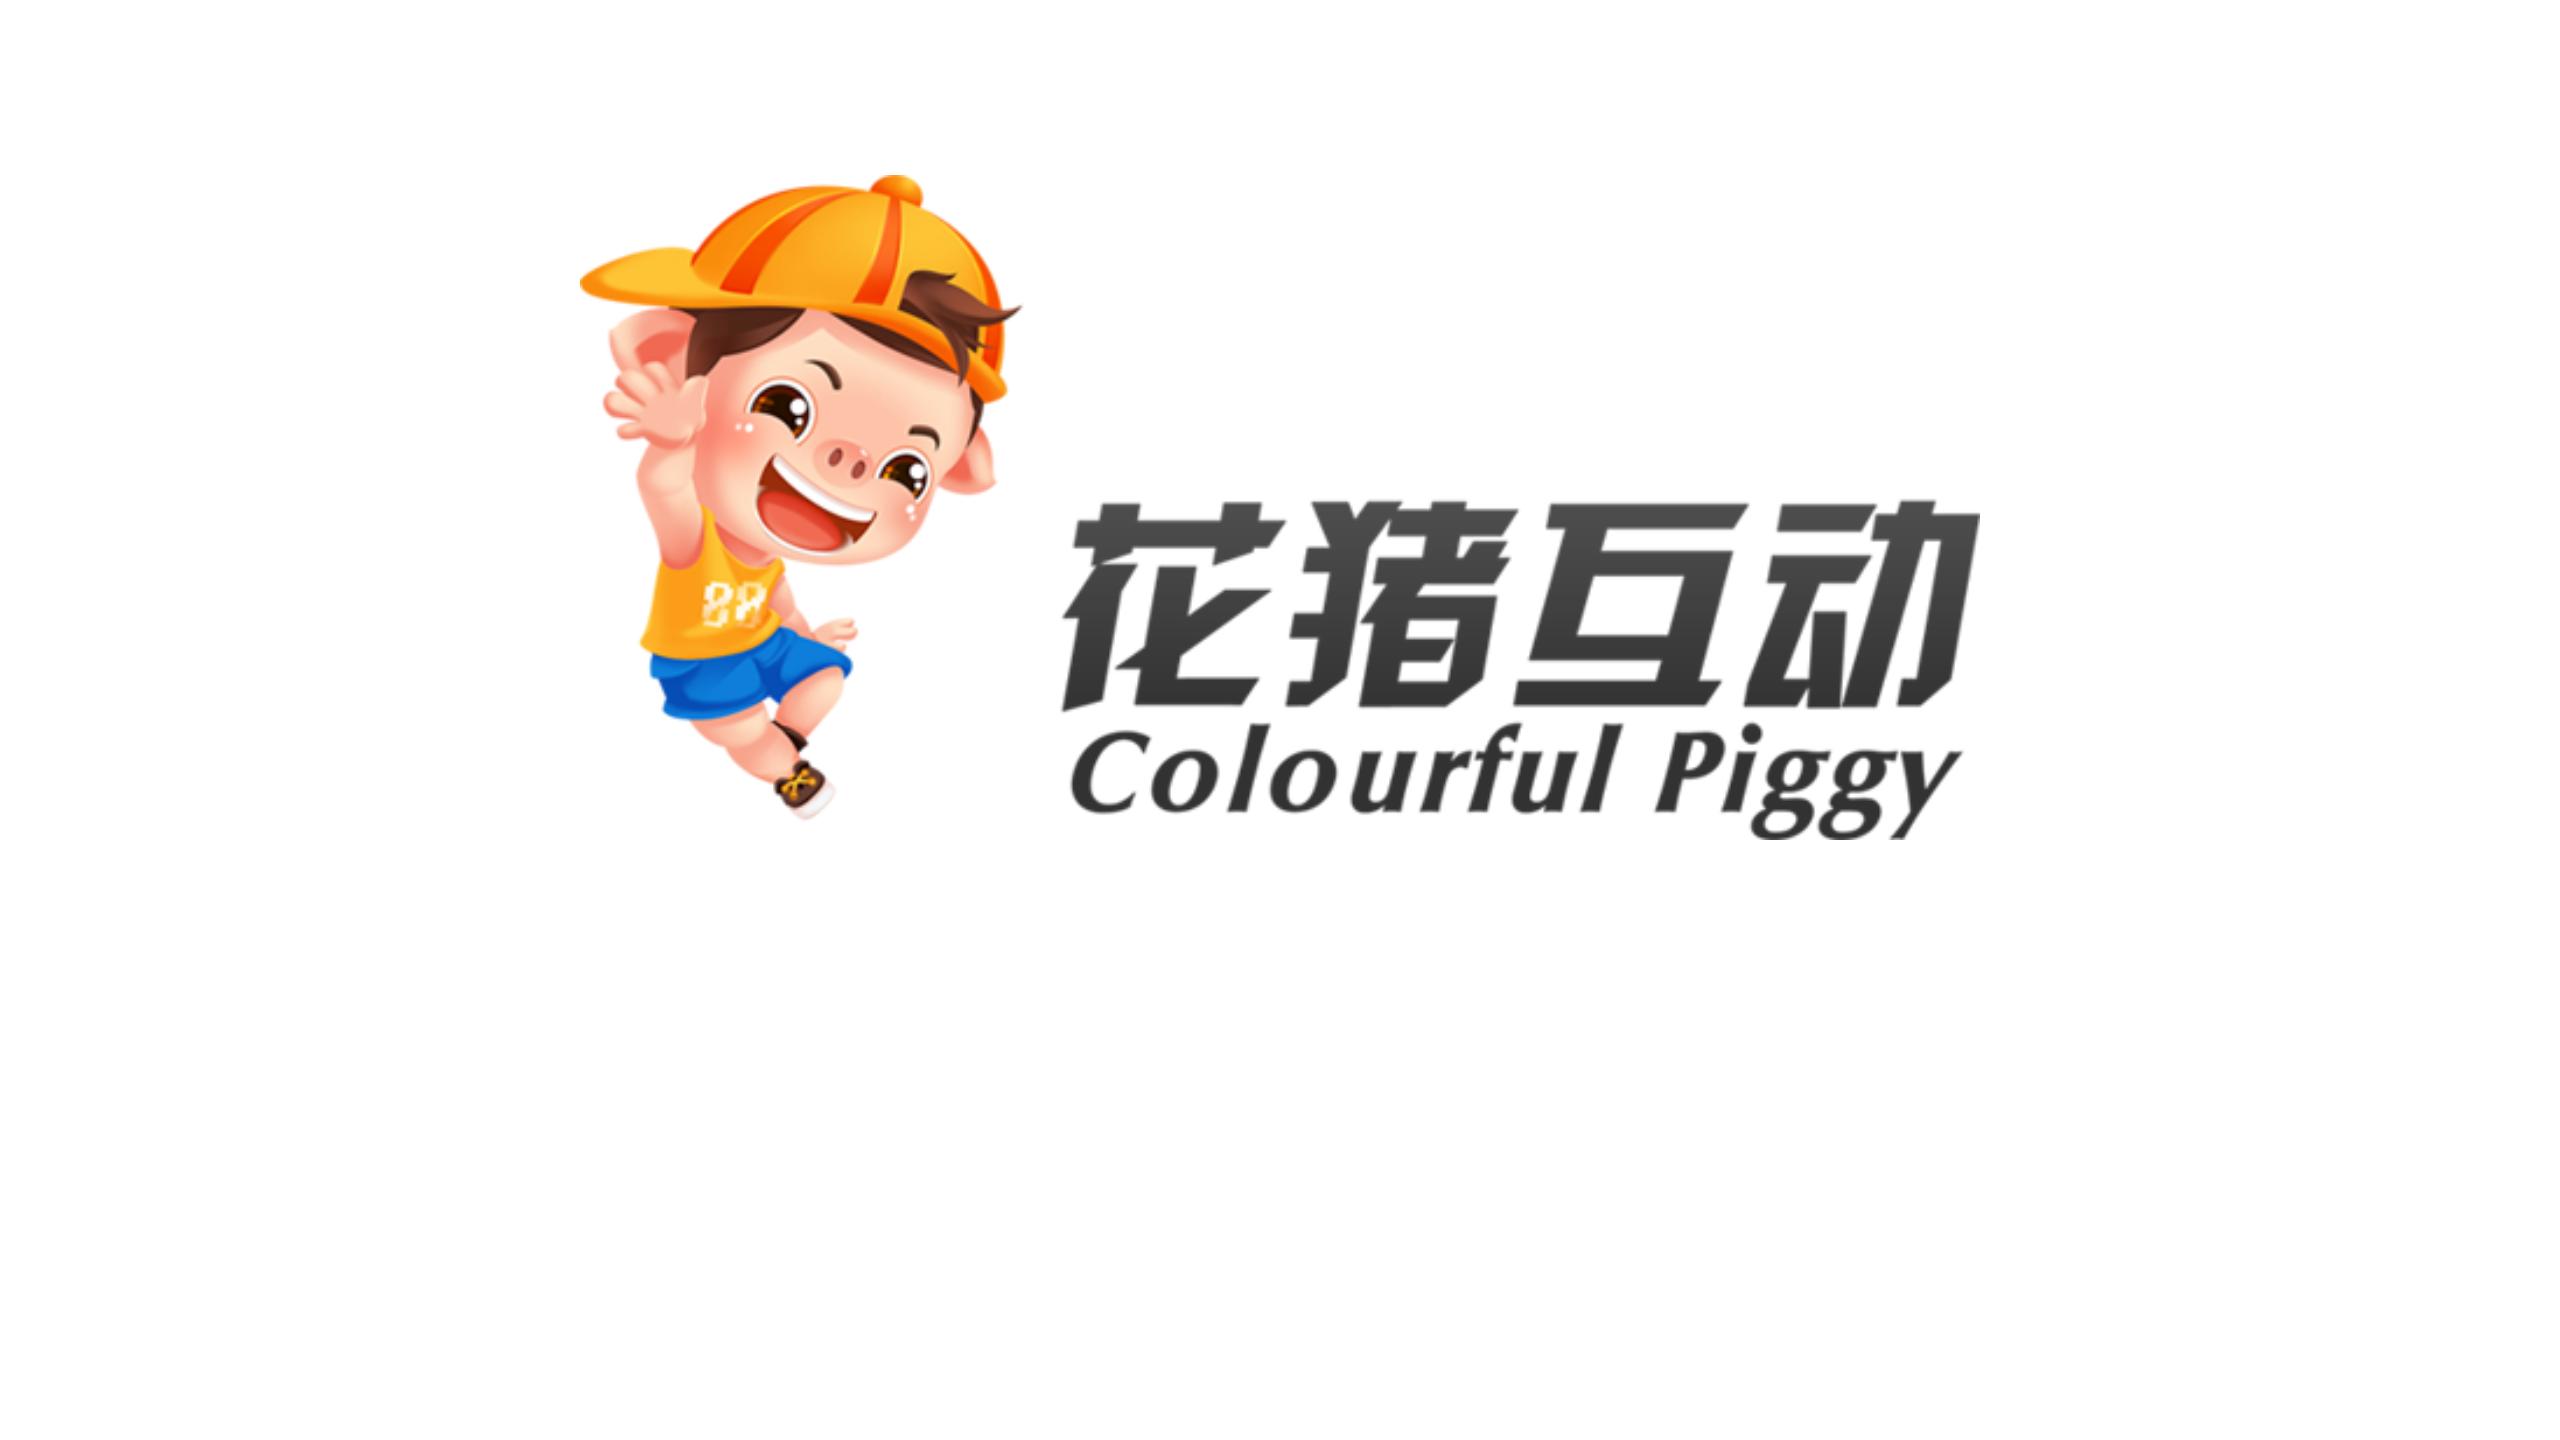 四川花猪互动科技有限公司